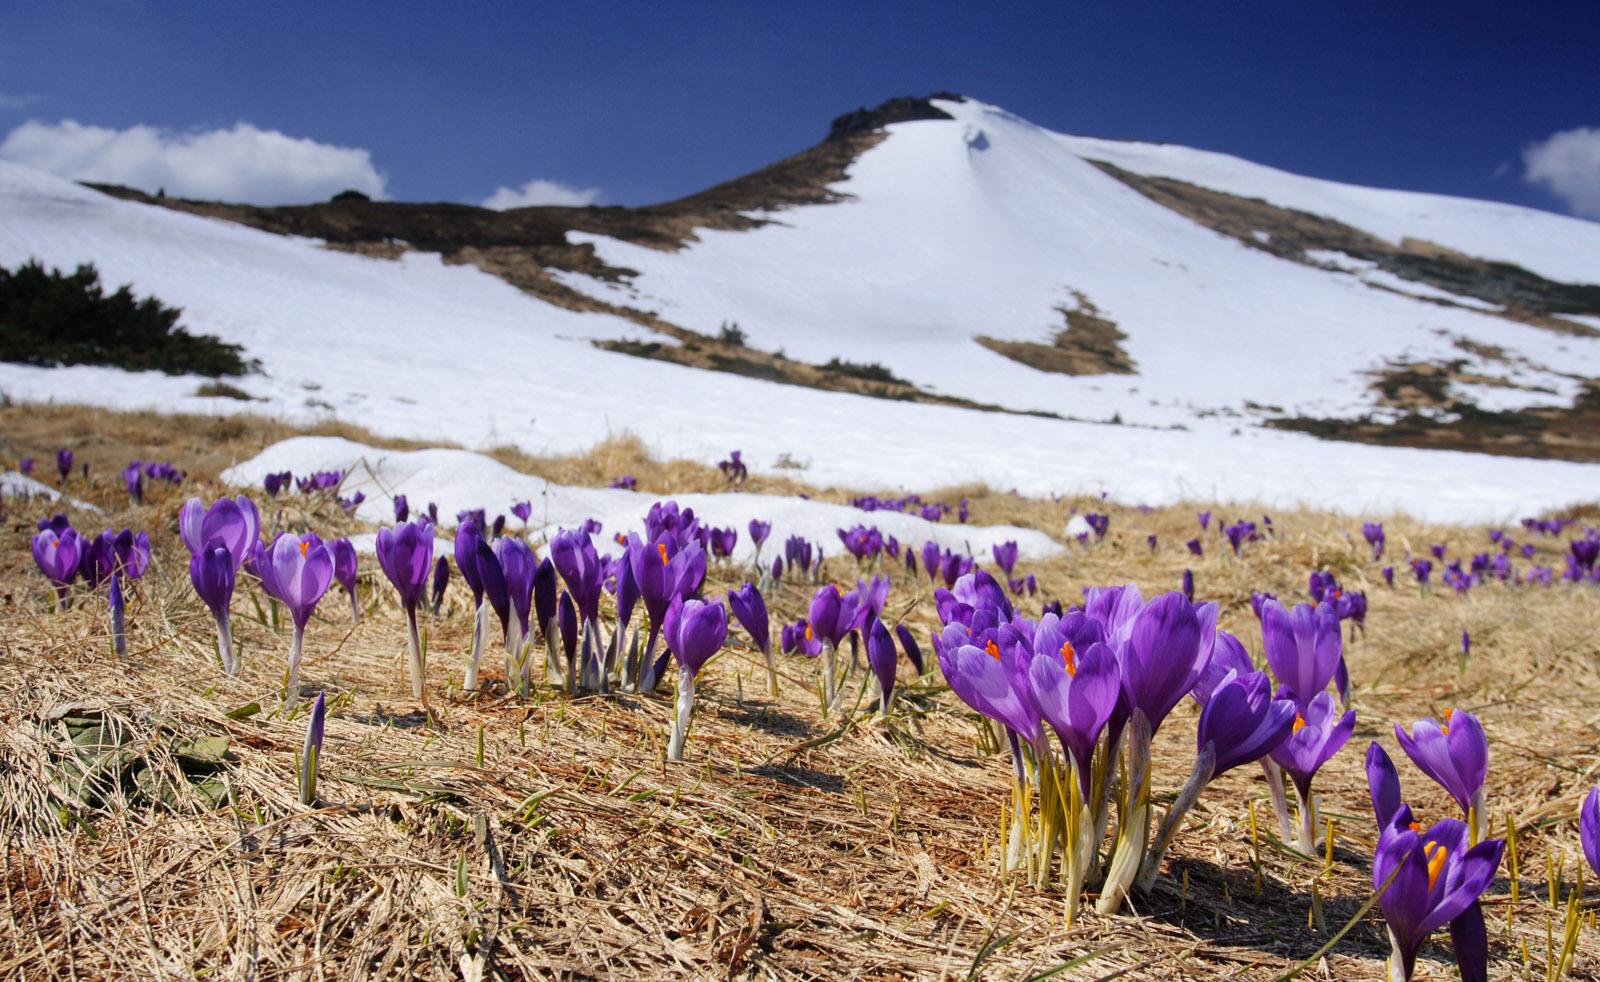 Температура повітря вночі 0-3° морозу, в горах до 5° морозу, вдень 9-14°, в горах місцями 2-7° тепла.